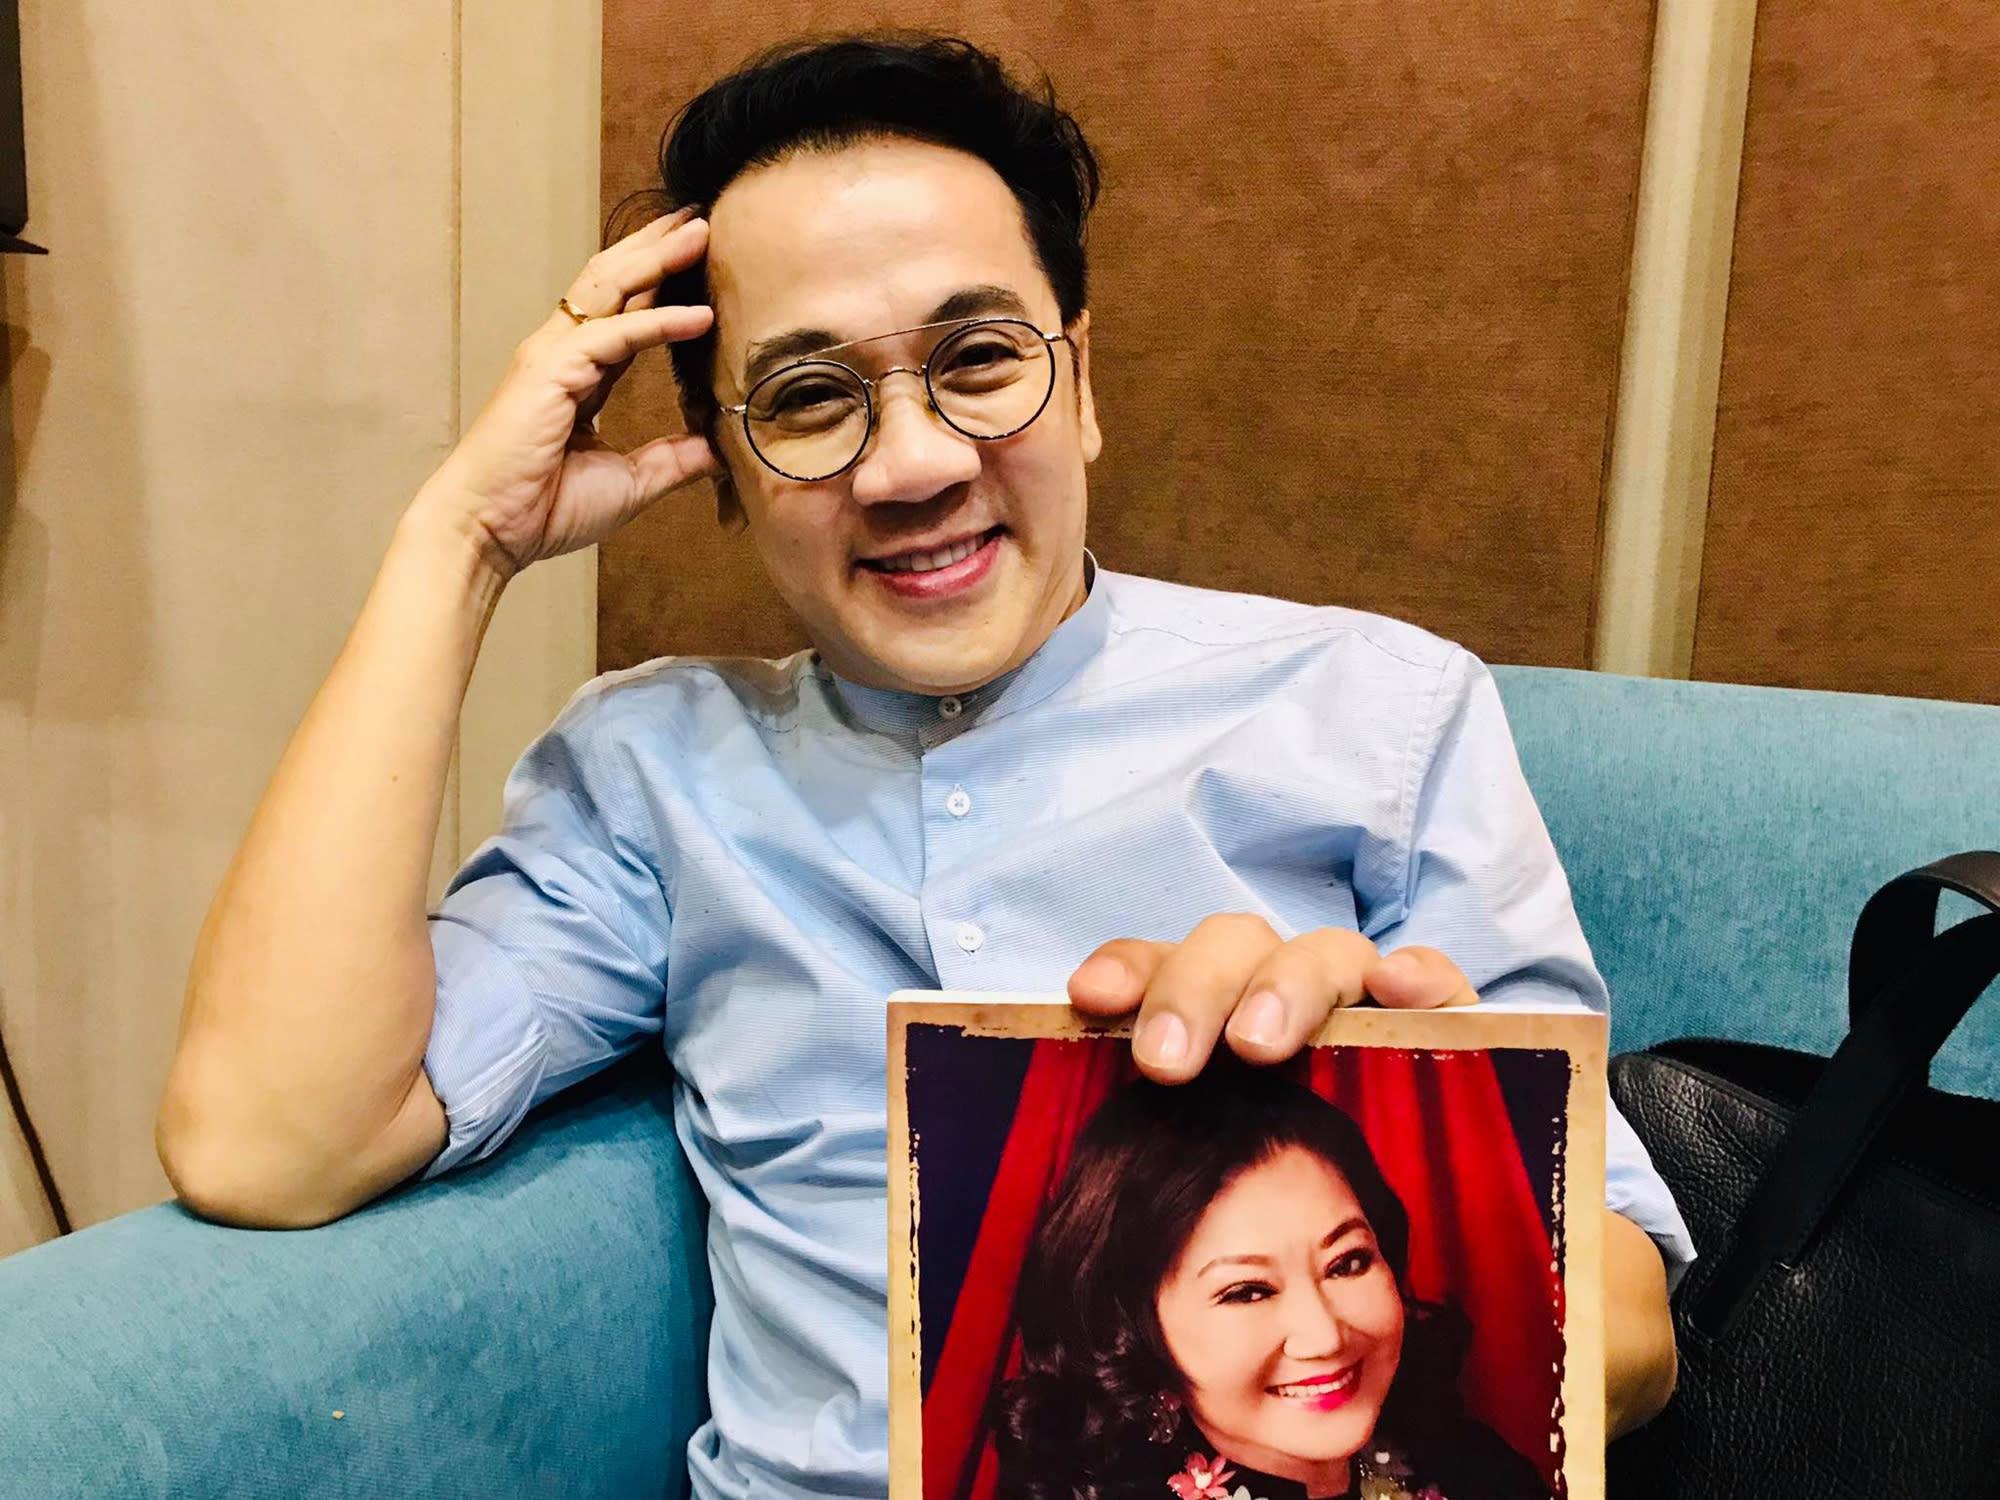 Thâm nhập hậu trường thu âm hồi ký Kỳ nữ Kim Cương cùng 3 nghệ sĩ - Ảnh 4.